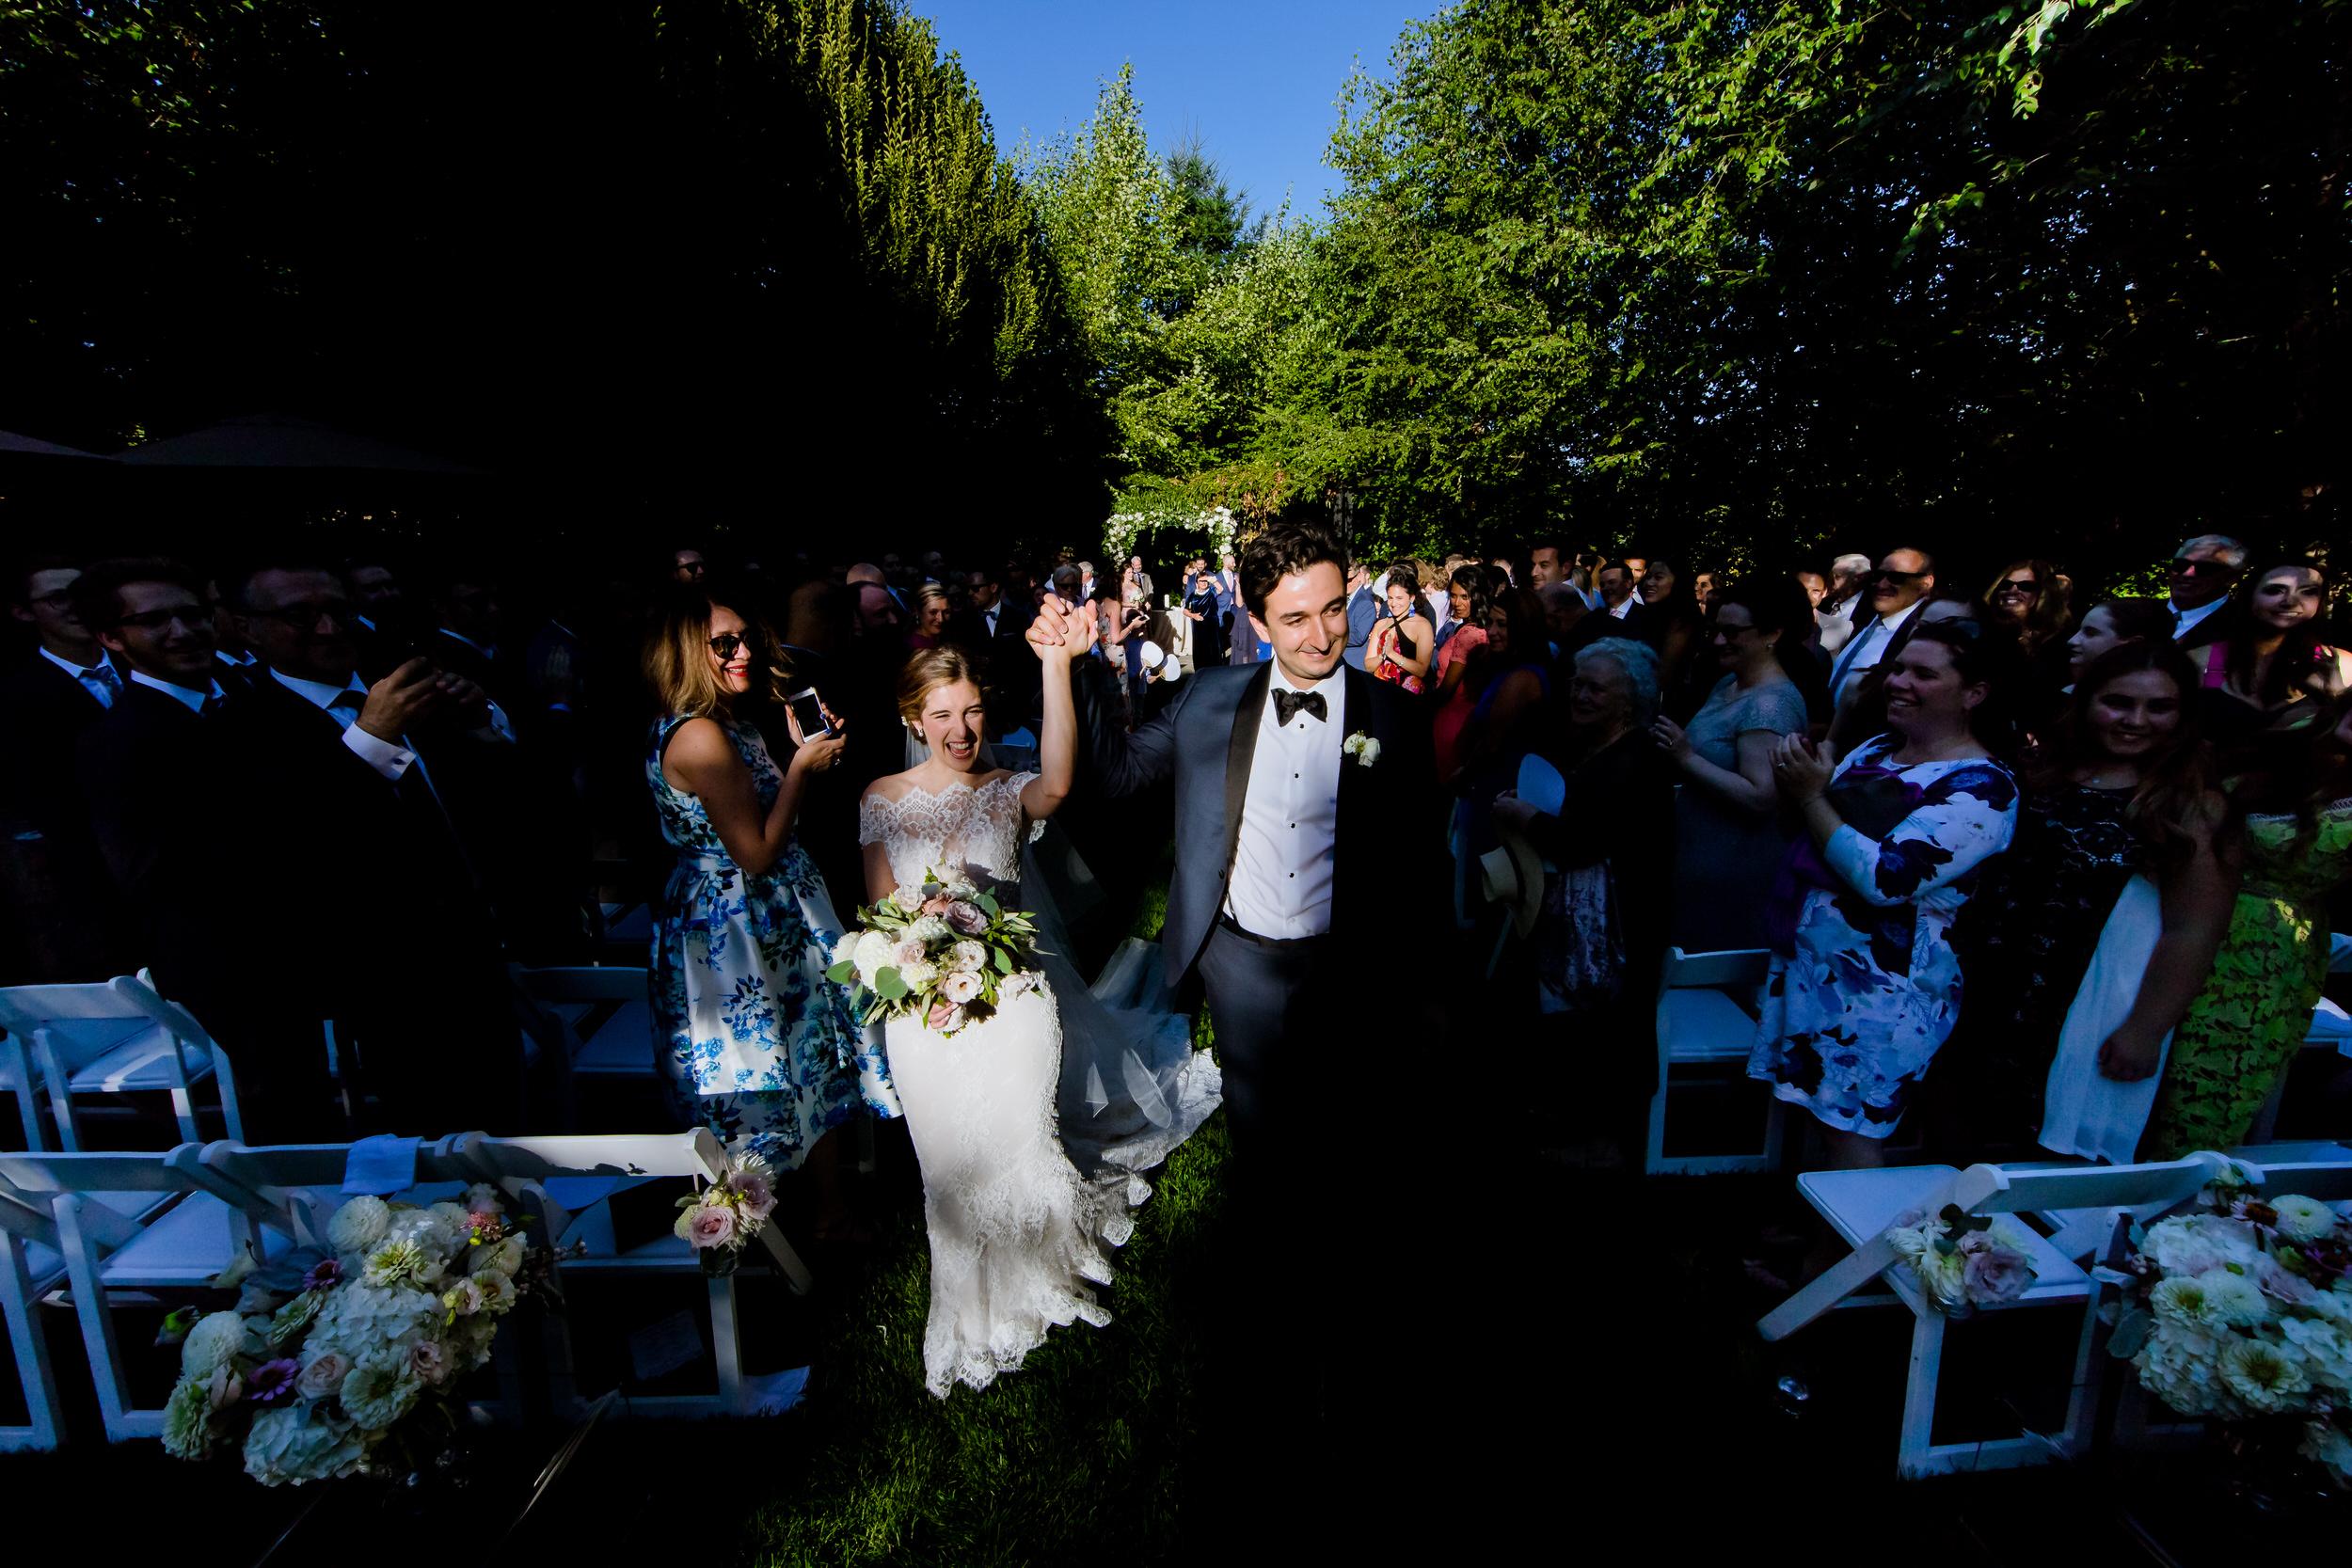 jake_marisa_allison_inn_wedding_starkphotography_036